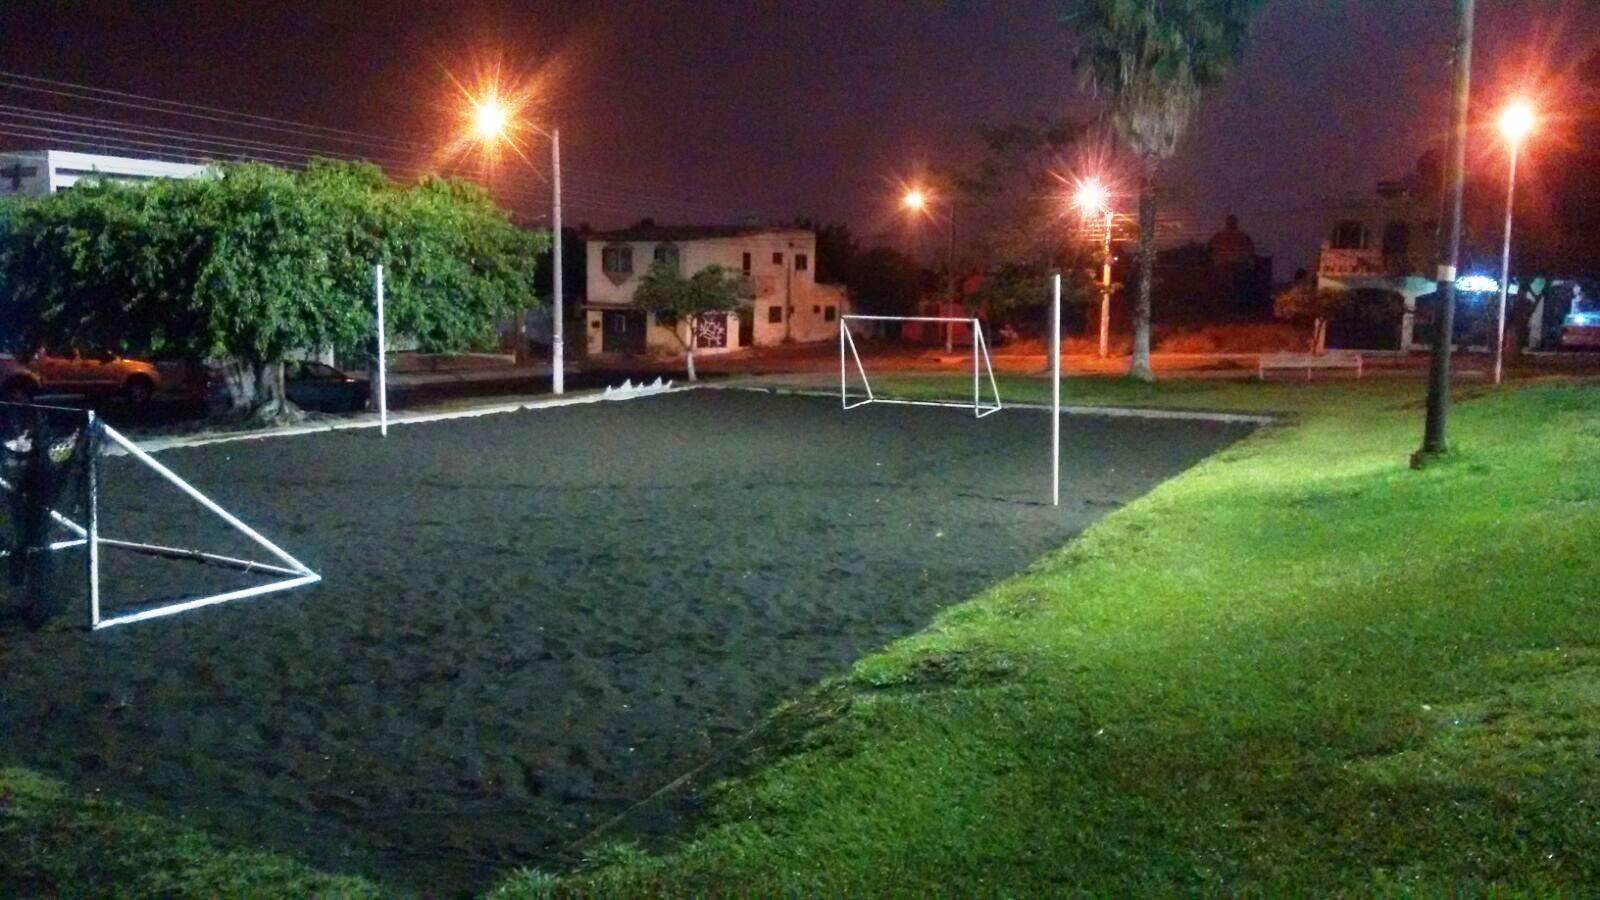 Refuerzan iluminaci n en canchas deportivas del jard n de for Salon villa jardin cuautitlan izcalli